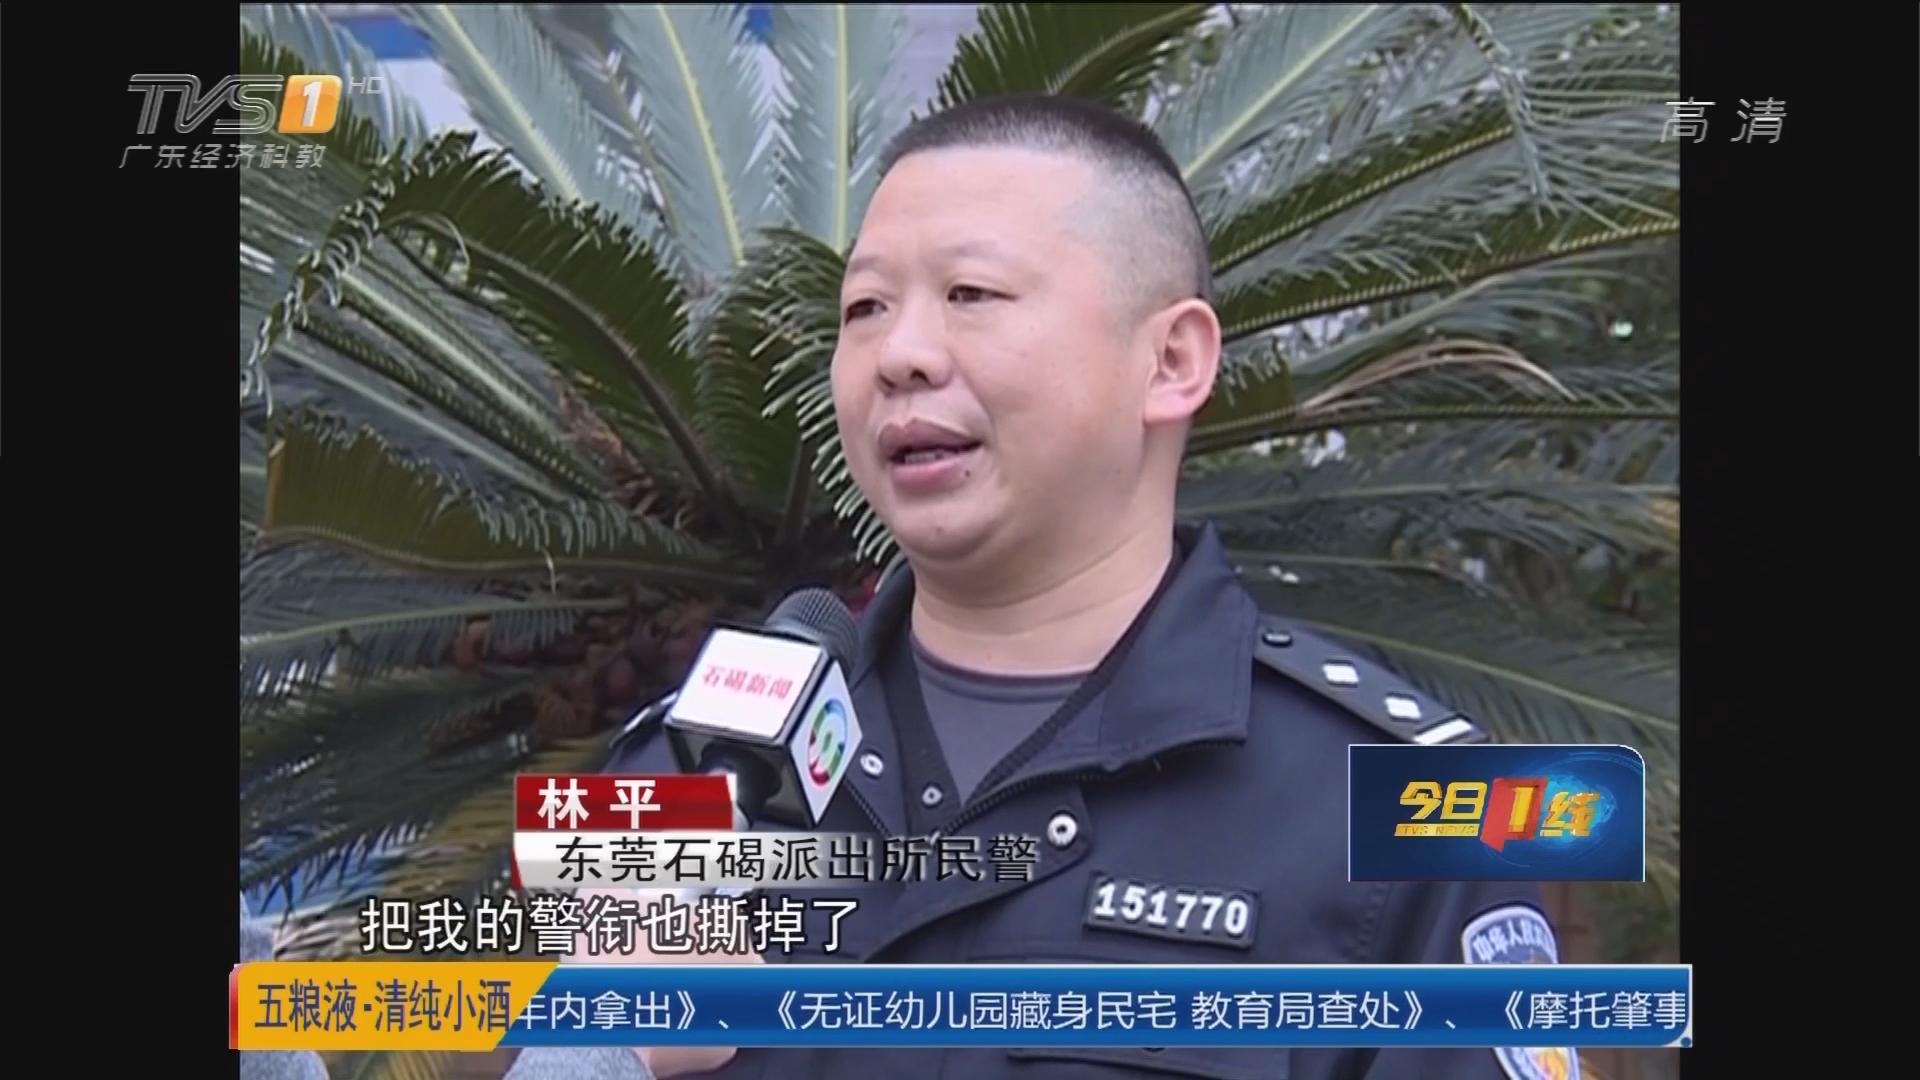 东莞石碣镇:遭醉酒男辱骂 民警克制劝服